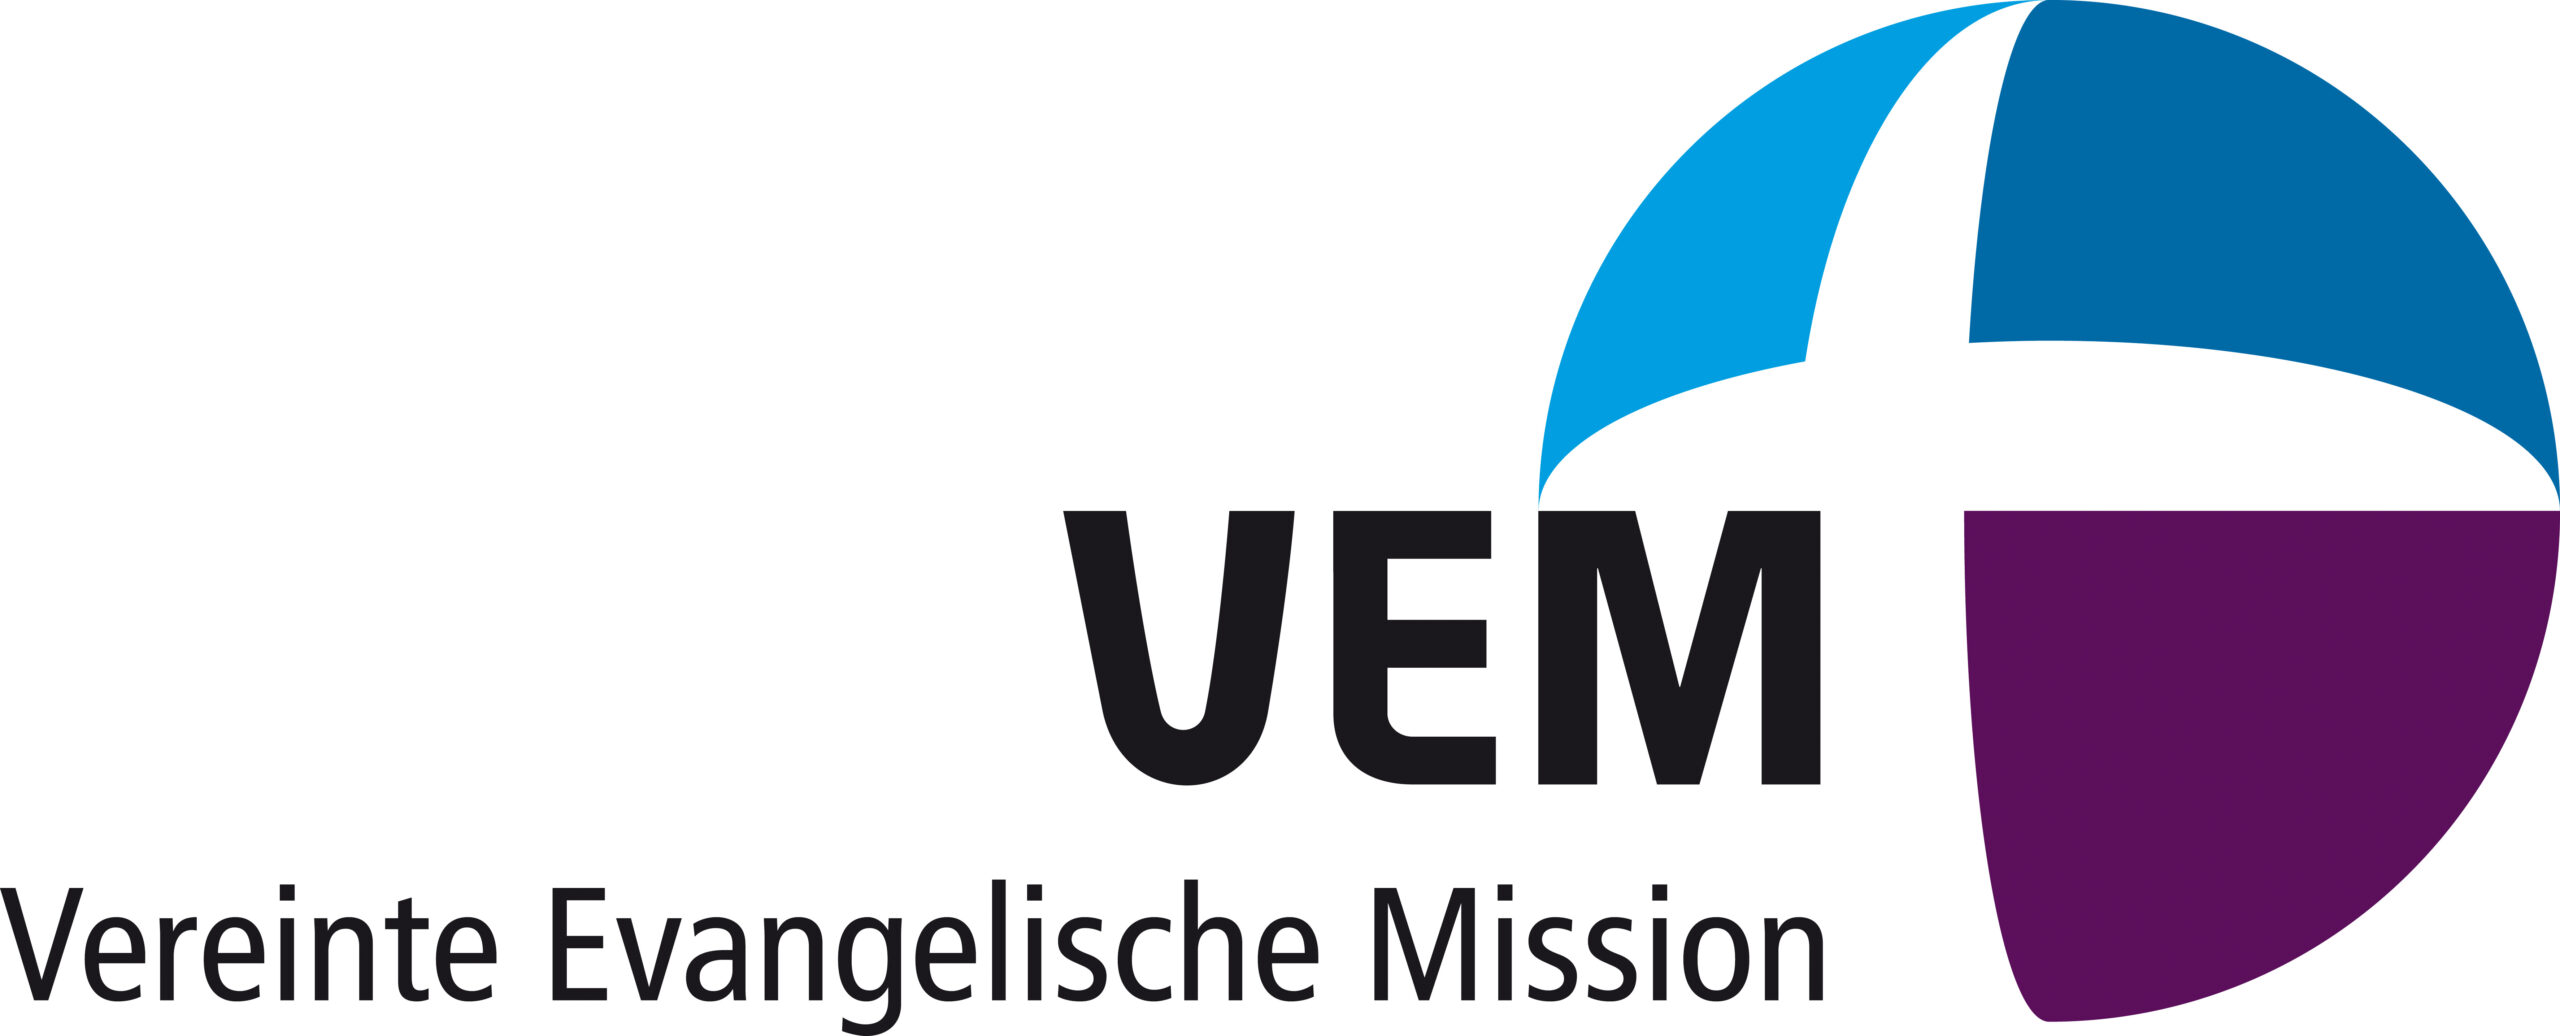 Vereinigte Evangelische Mission